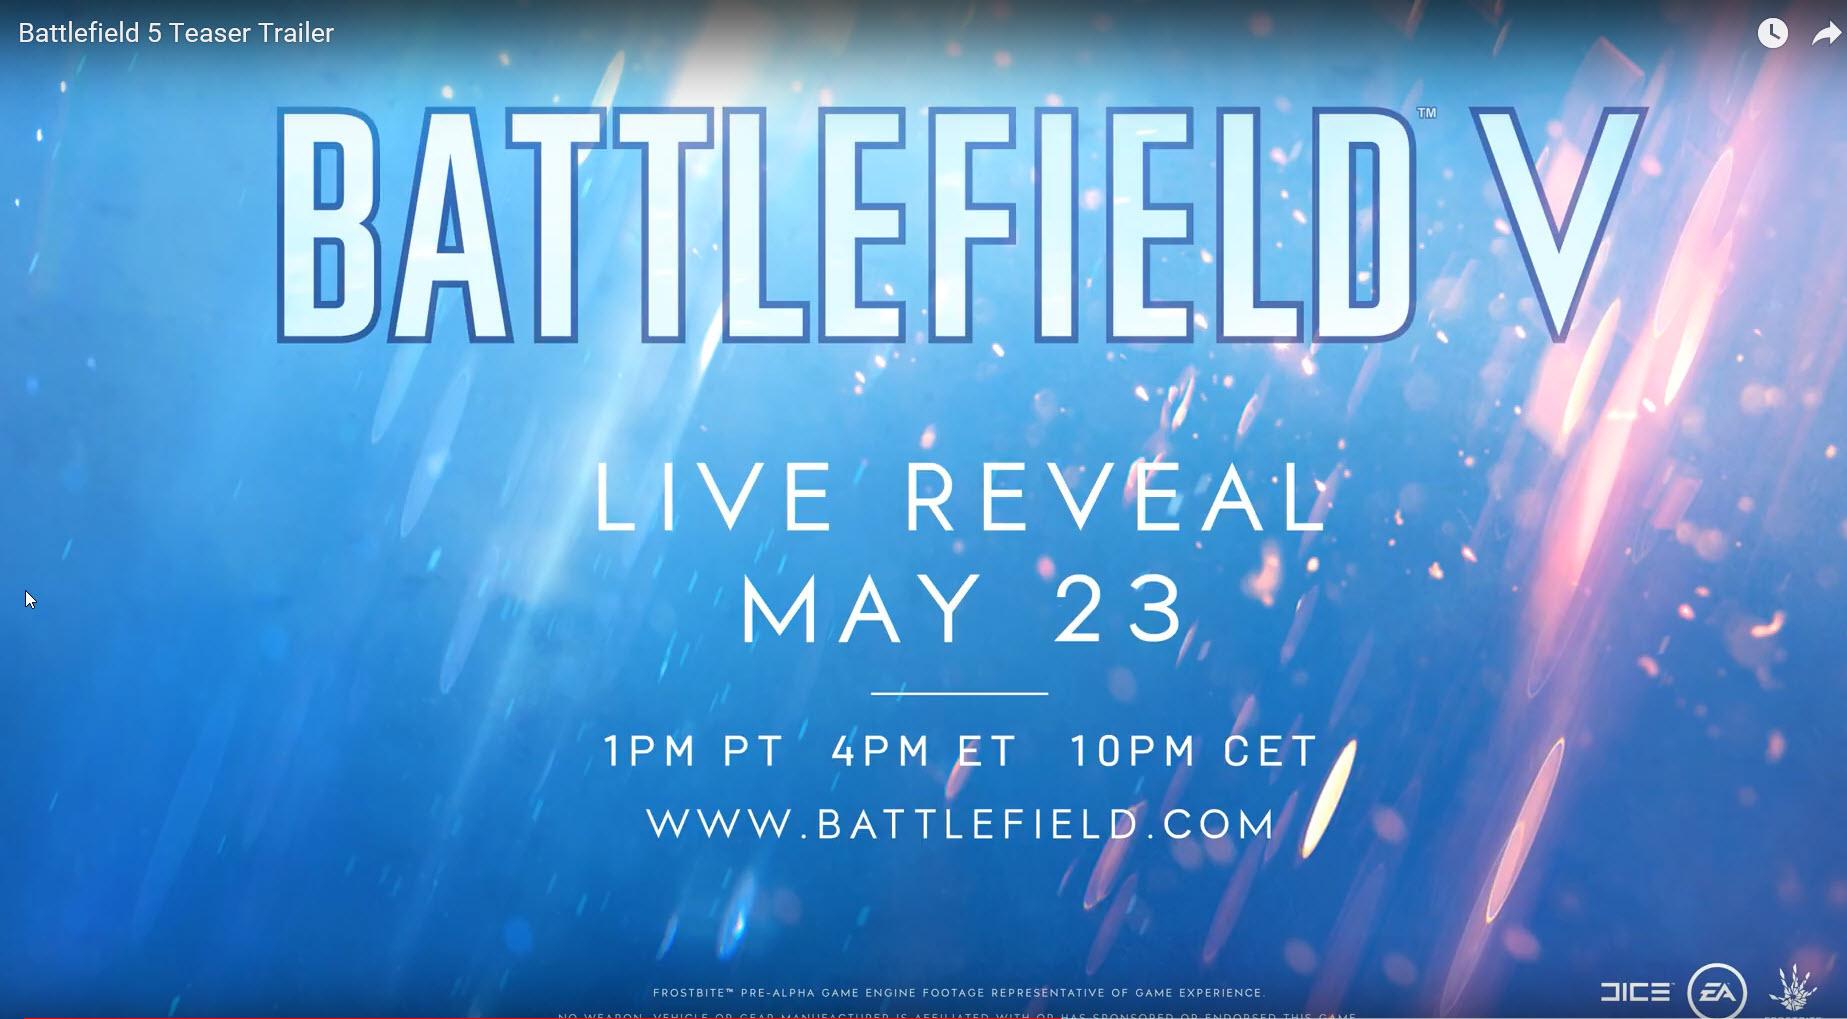 2018 05 22 14 01 22 สาวก Battlefield V อาจมีเงิบ!! เนื้อเรื่องอาจจะเป็นสงครามโลกครั้งที่ 2 Worldwar2